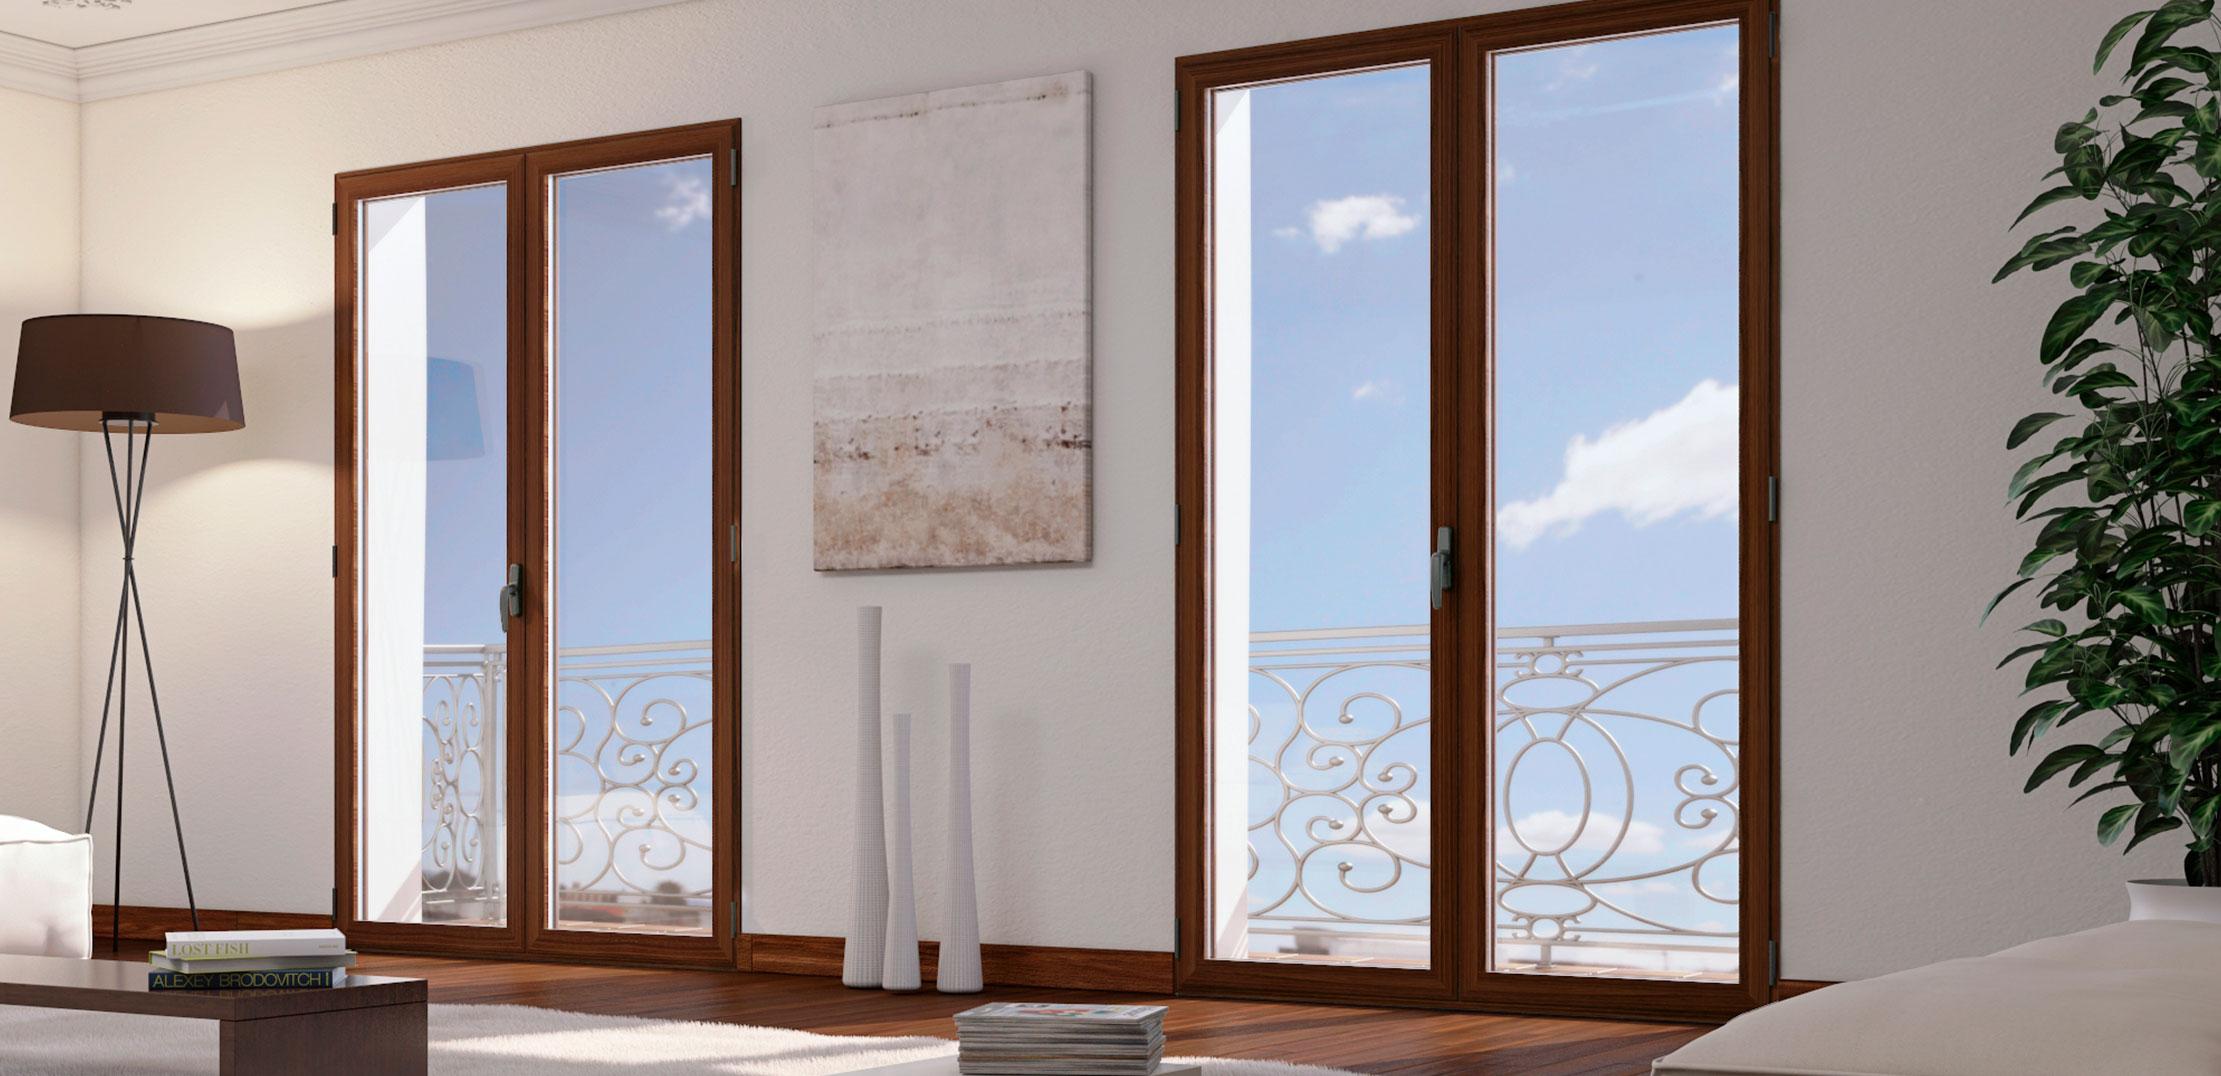 ventanas de aluminio Thermia efecto madera